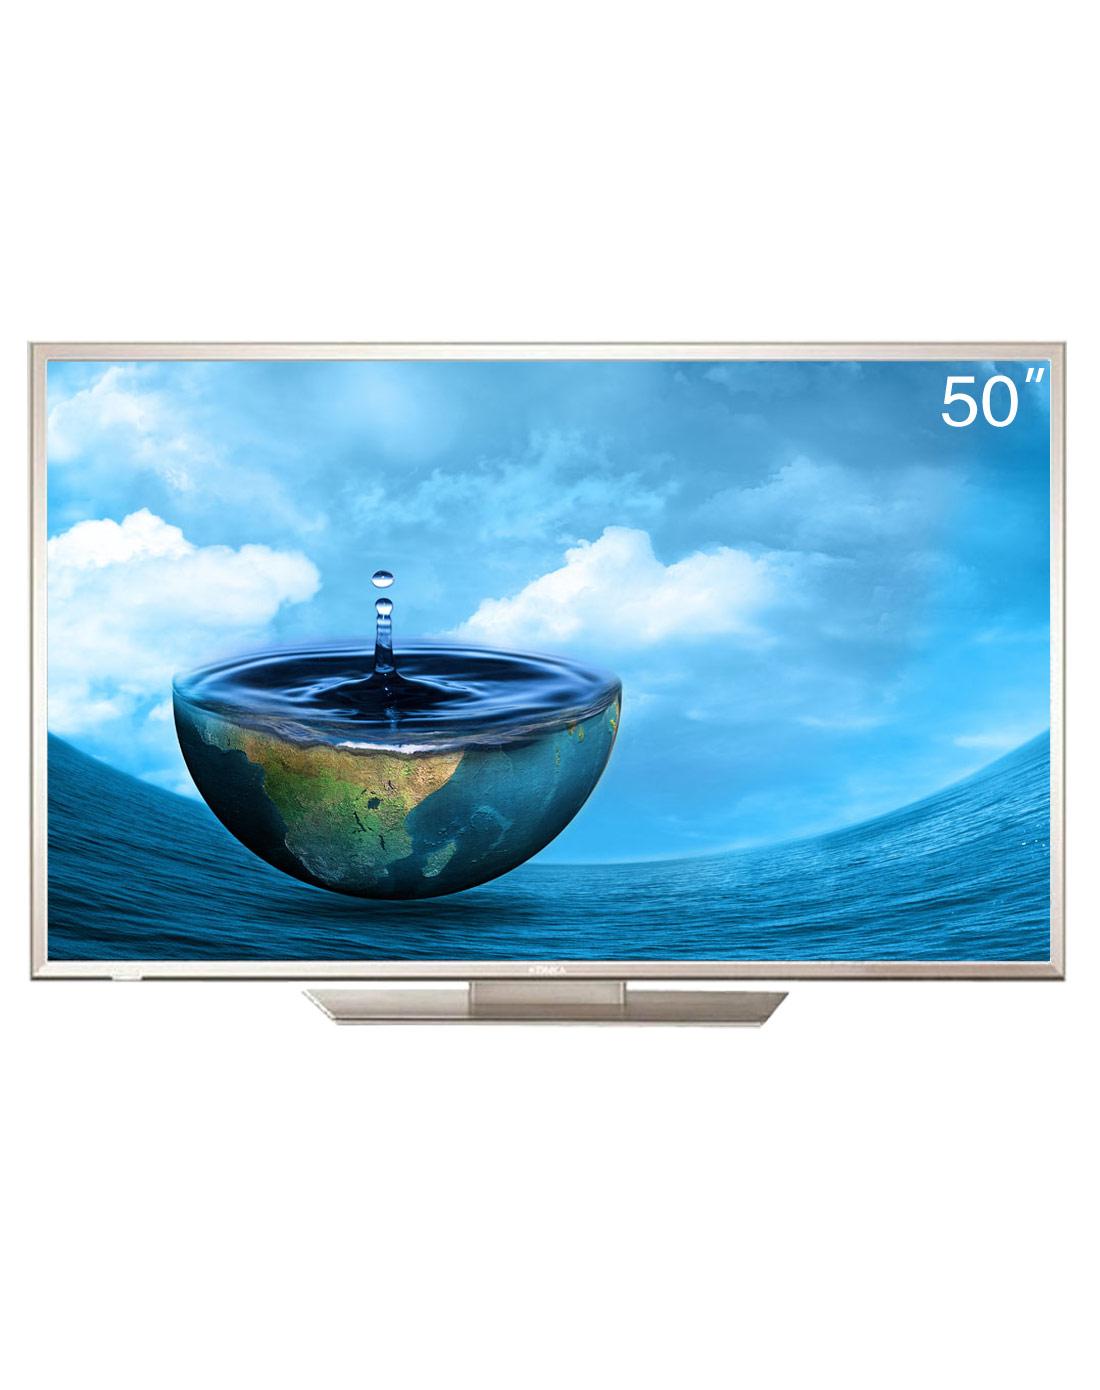 4k超高清分辨率网络智能安卓4.0快门式3d电视(银色)